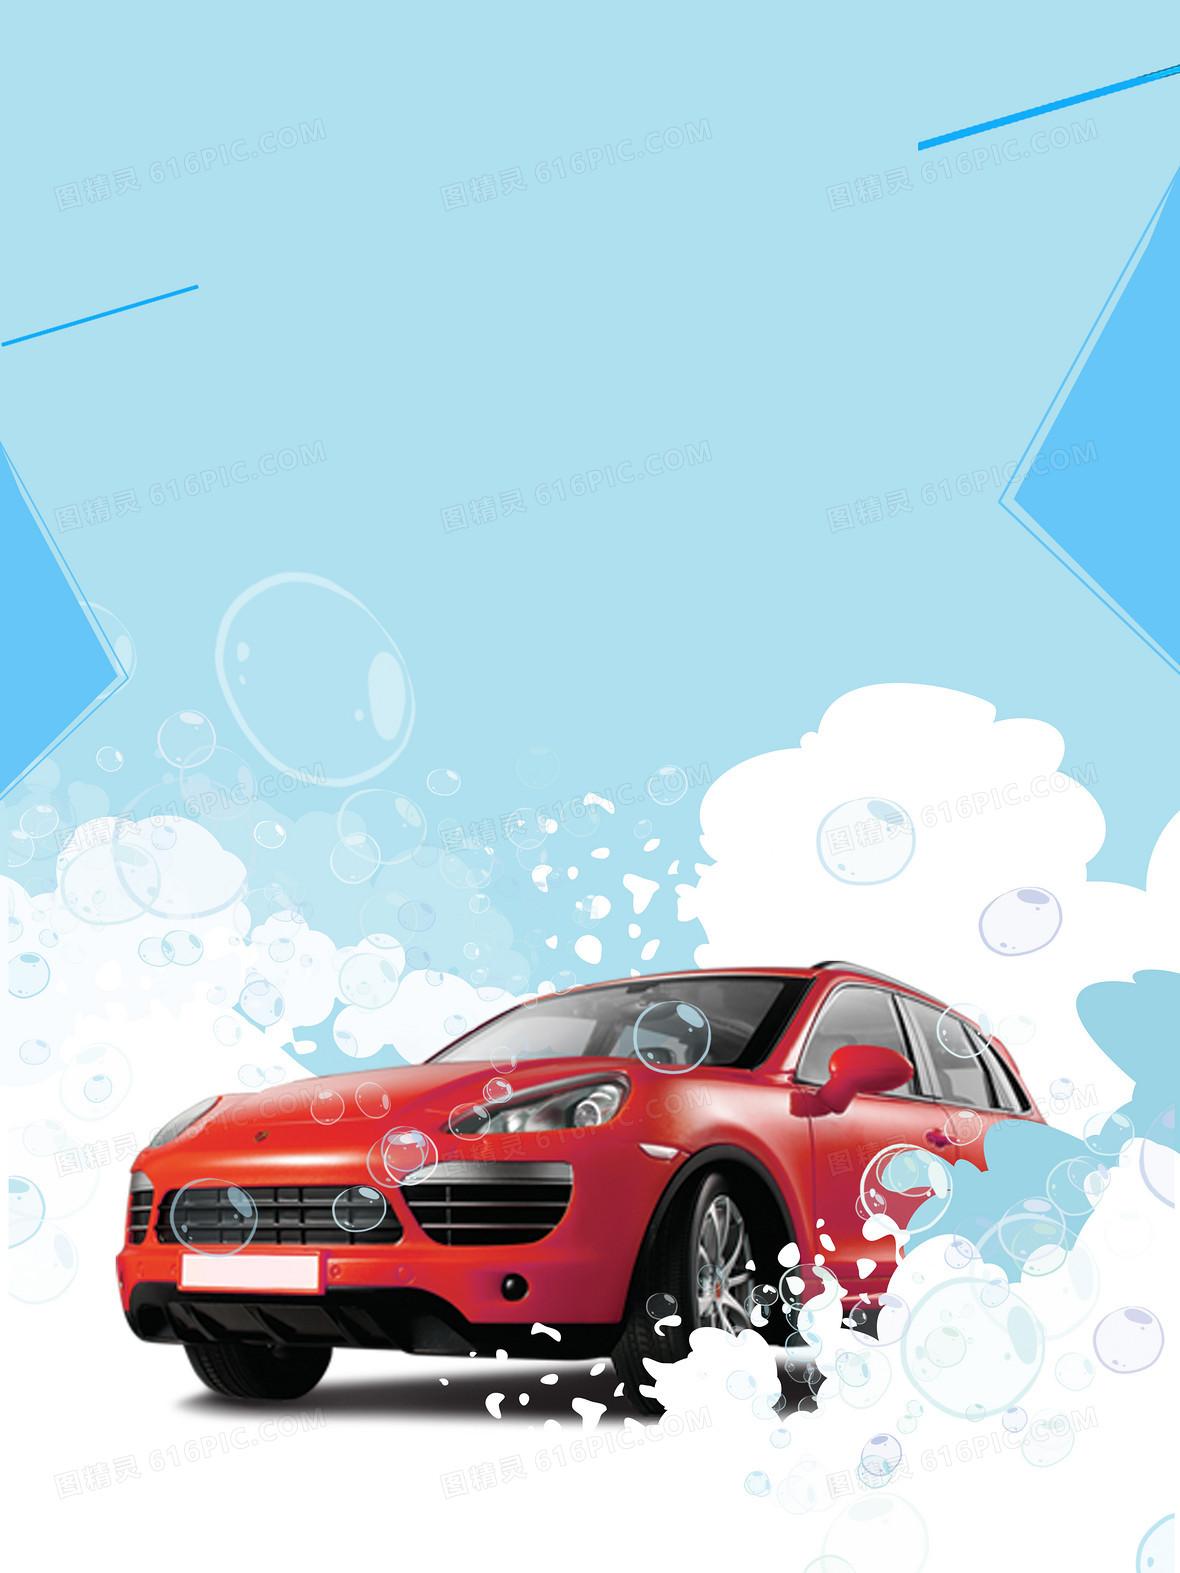 蓝色简约汽车美容海报背景素材